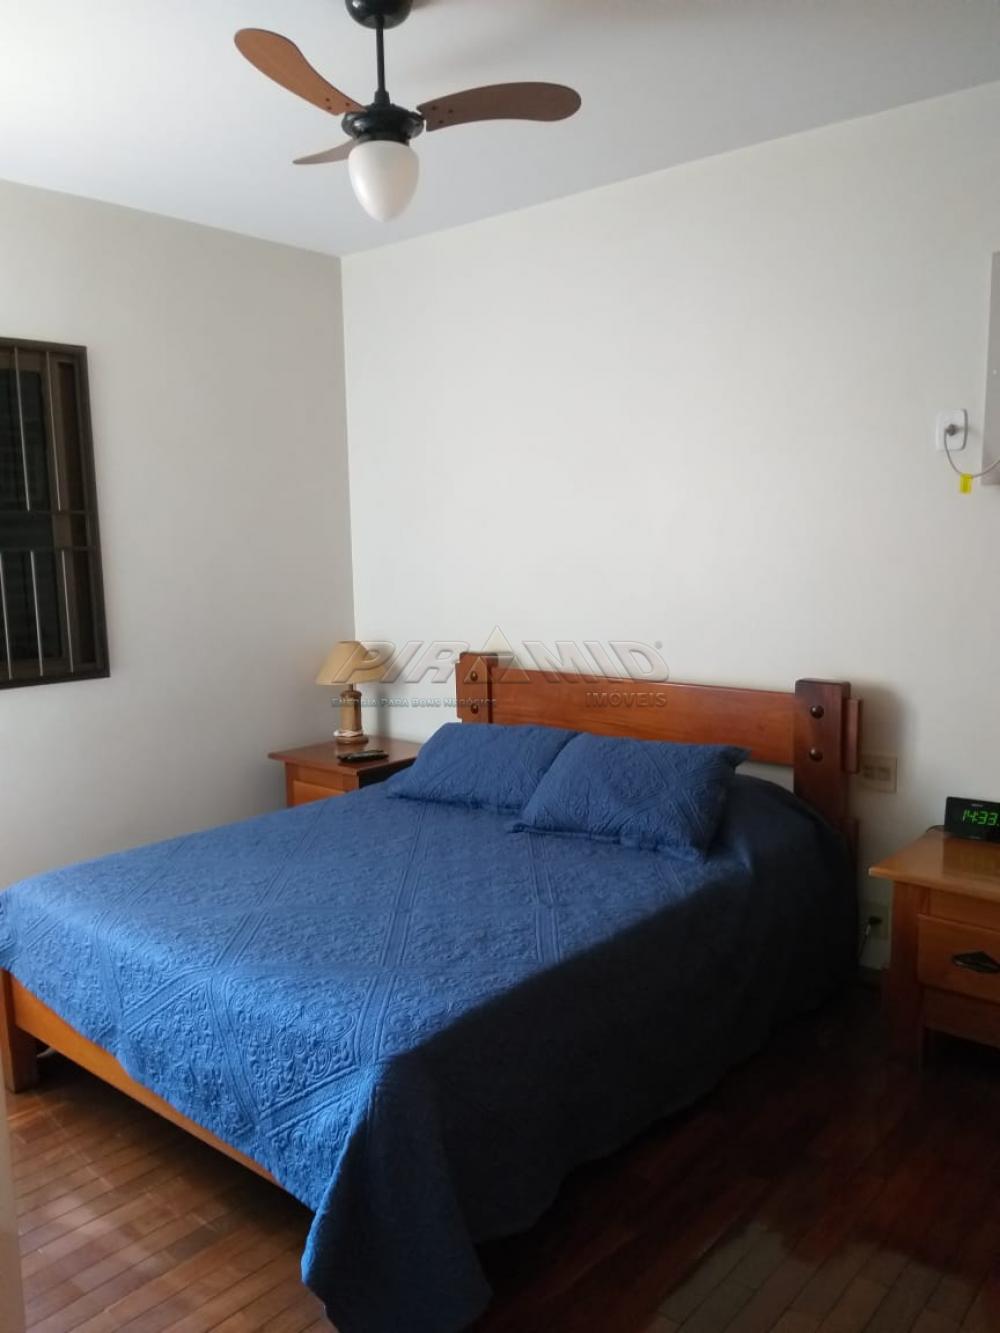 Comprar Apartamento / Padrão em Ribeirão Preto apenas R$ 680.000,00 - Foto 17